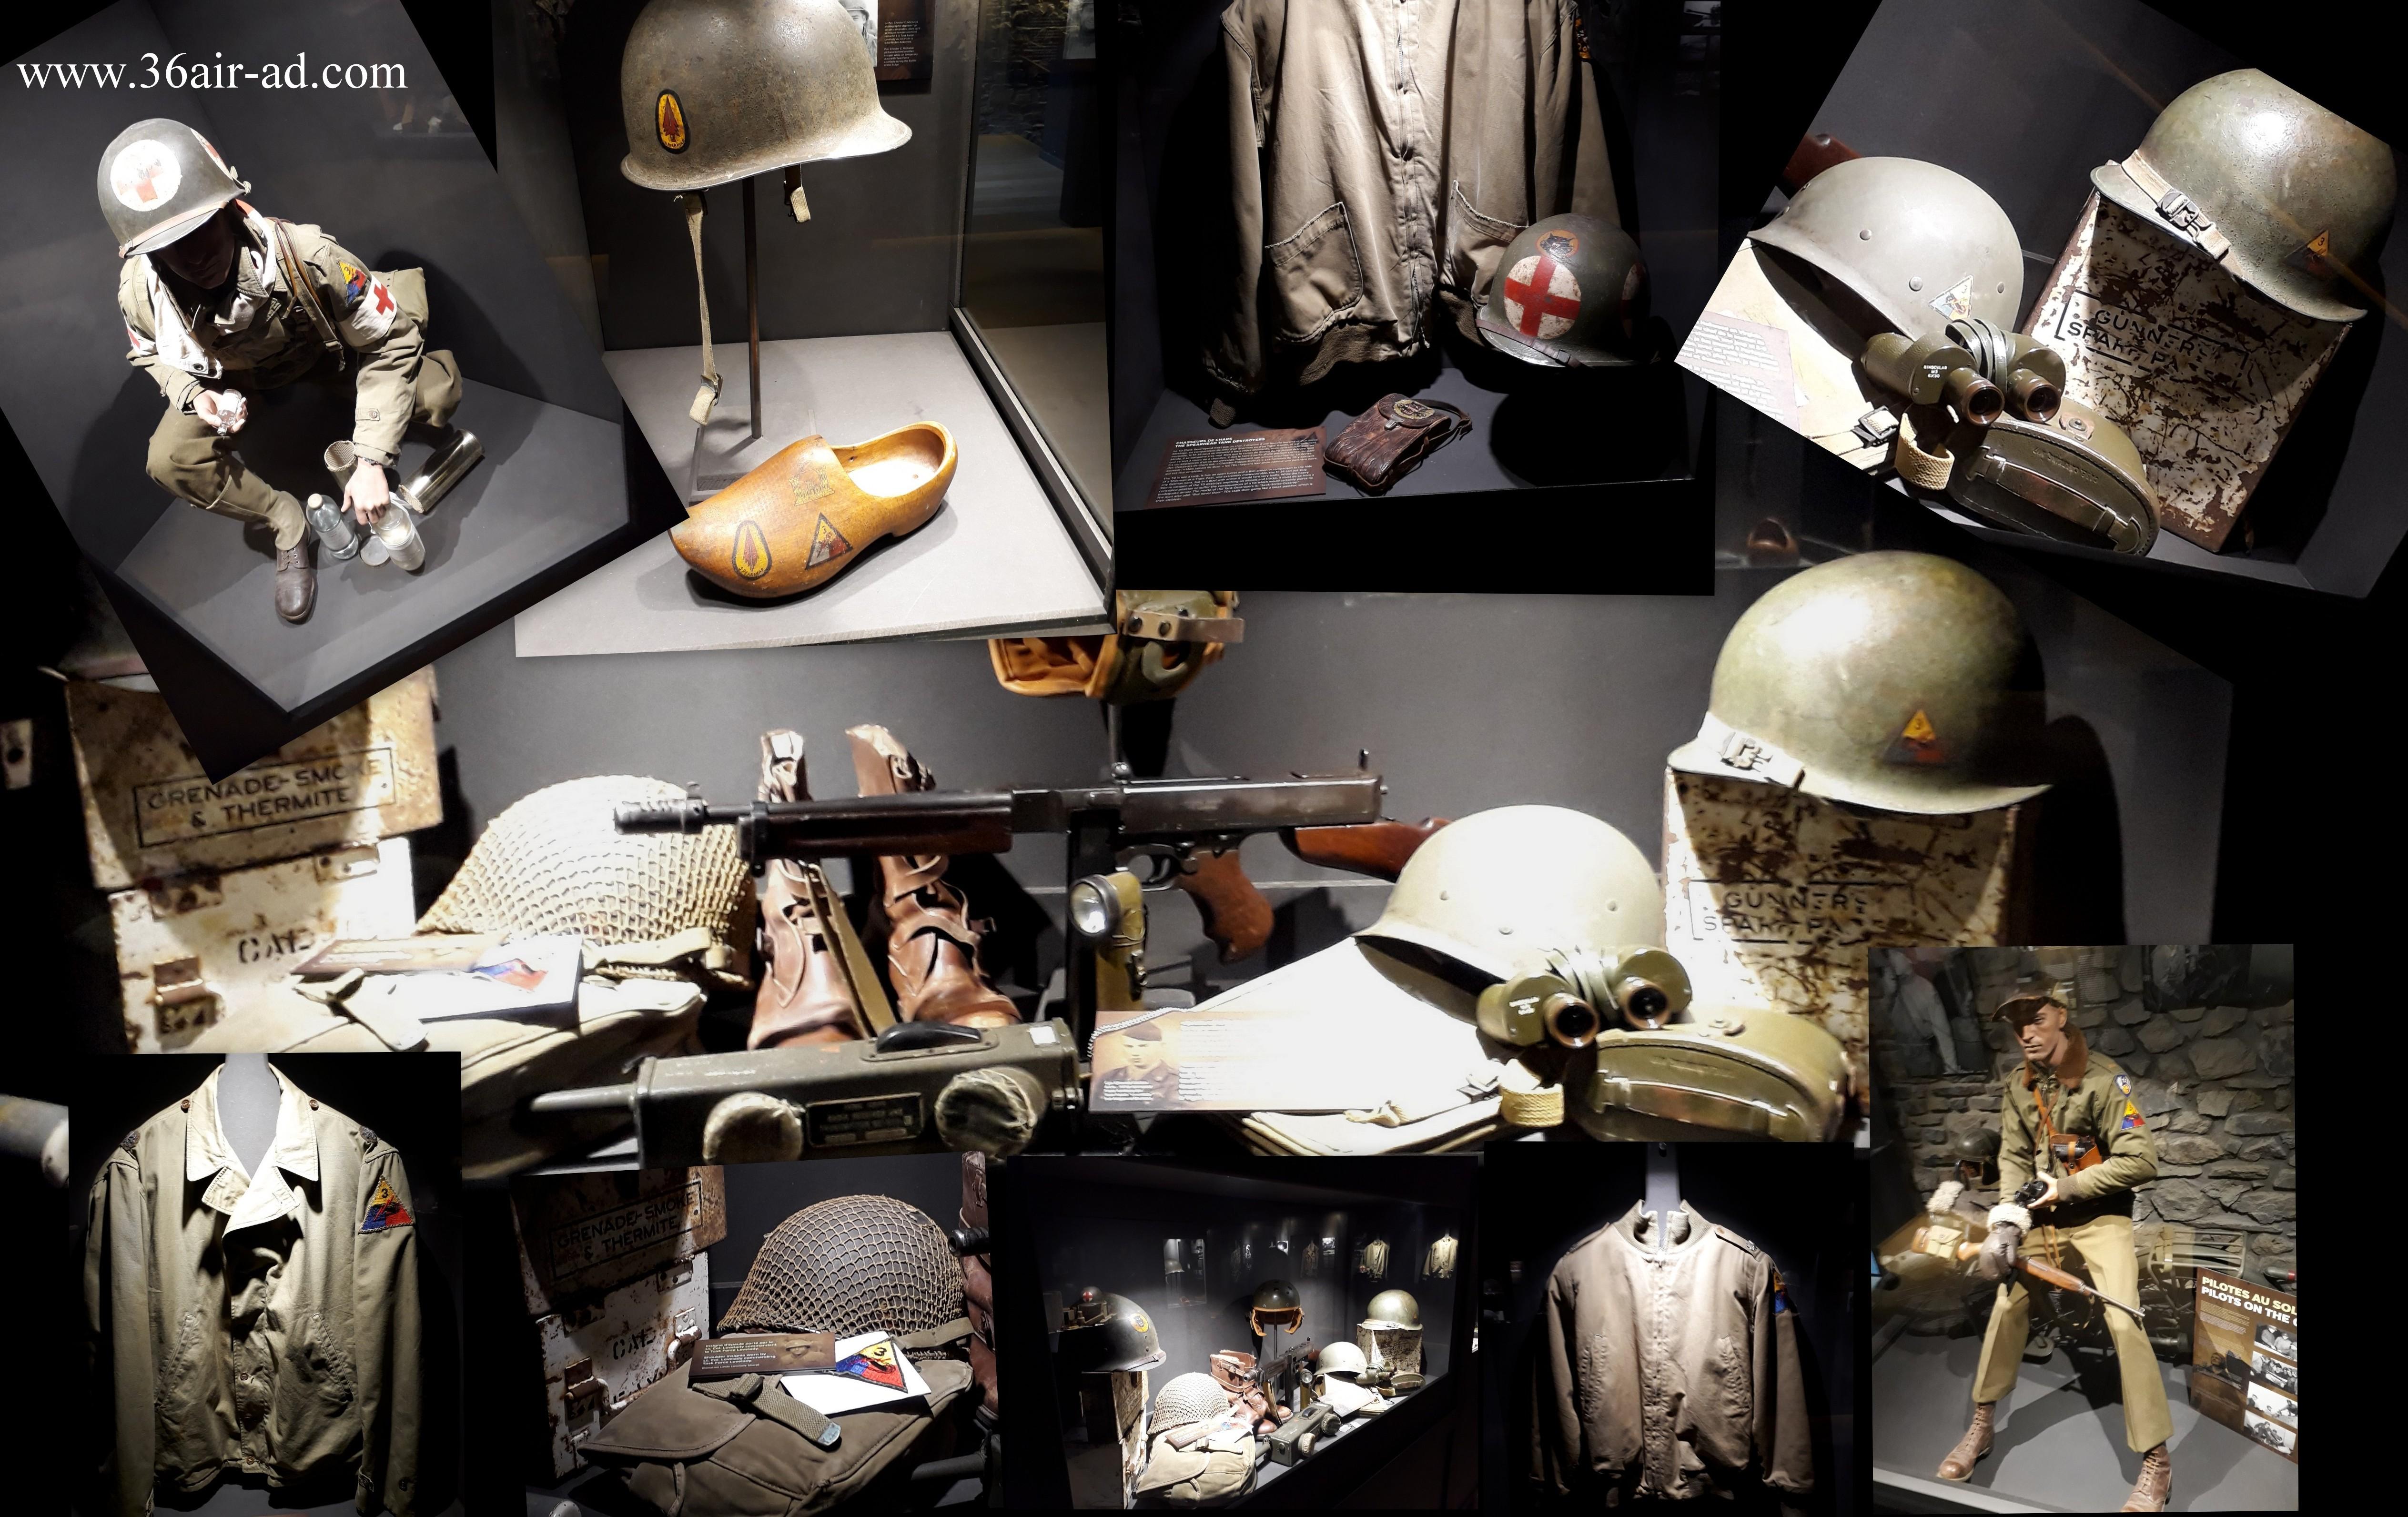 La Gleize museum